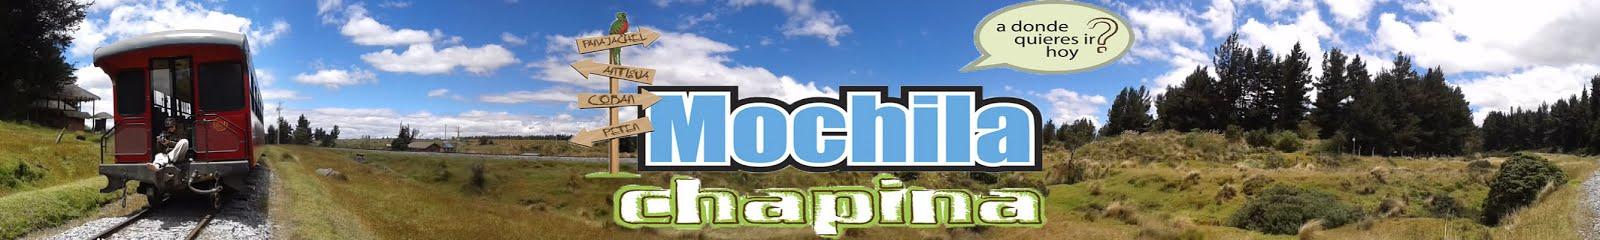 Mochila Chapina